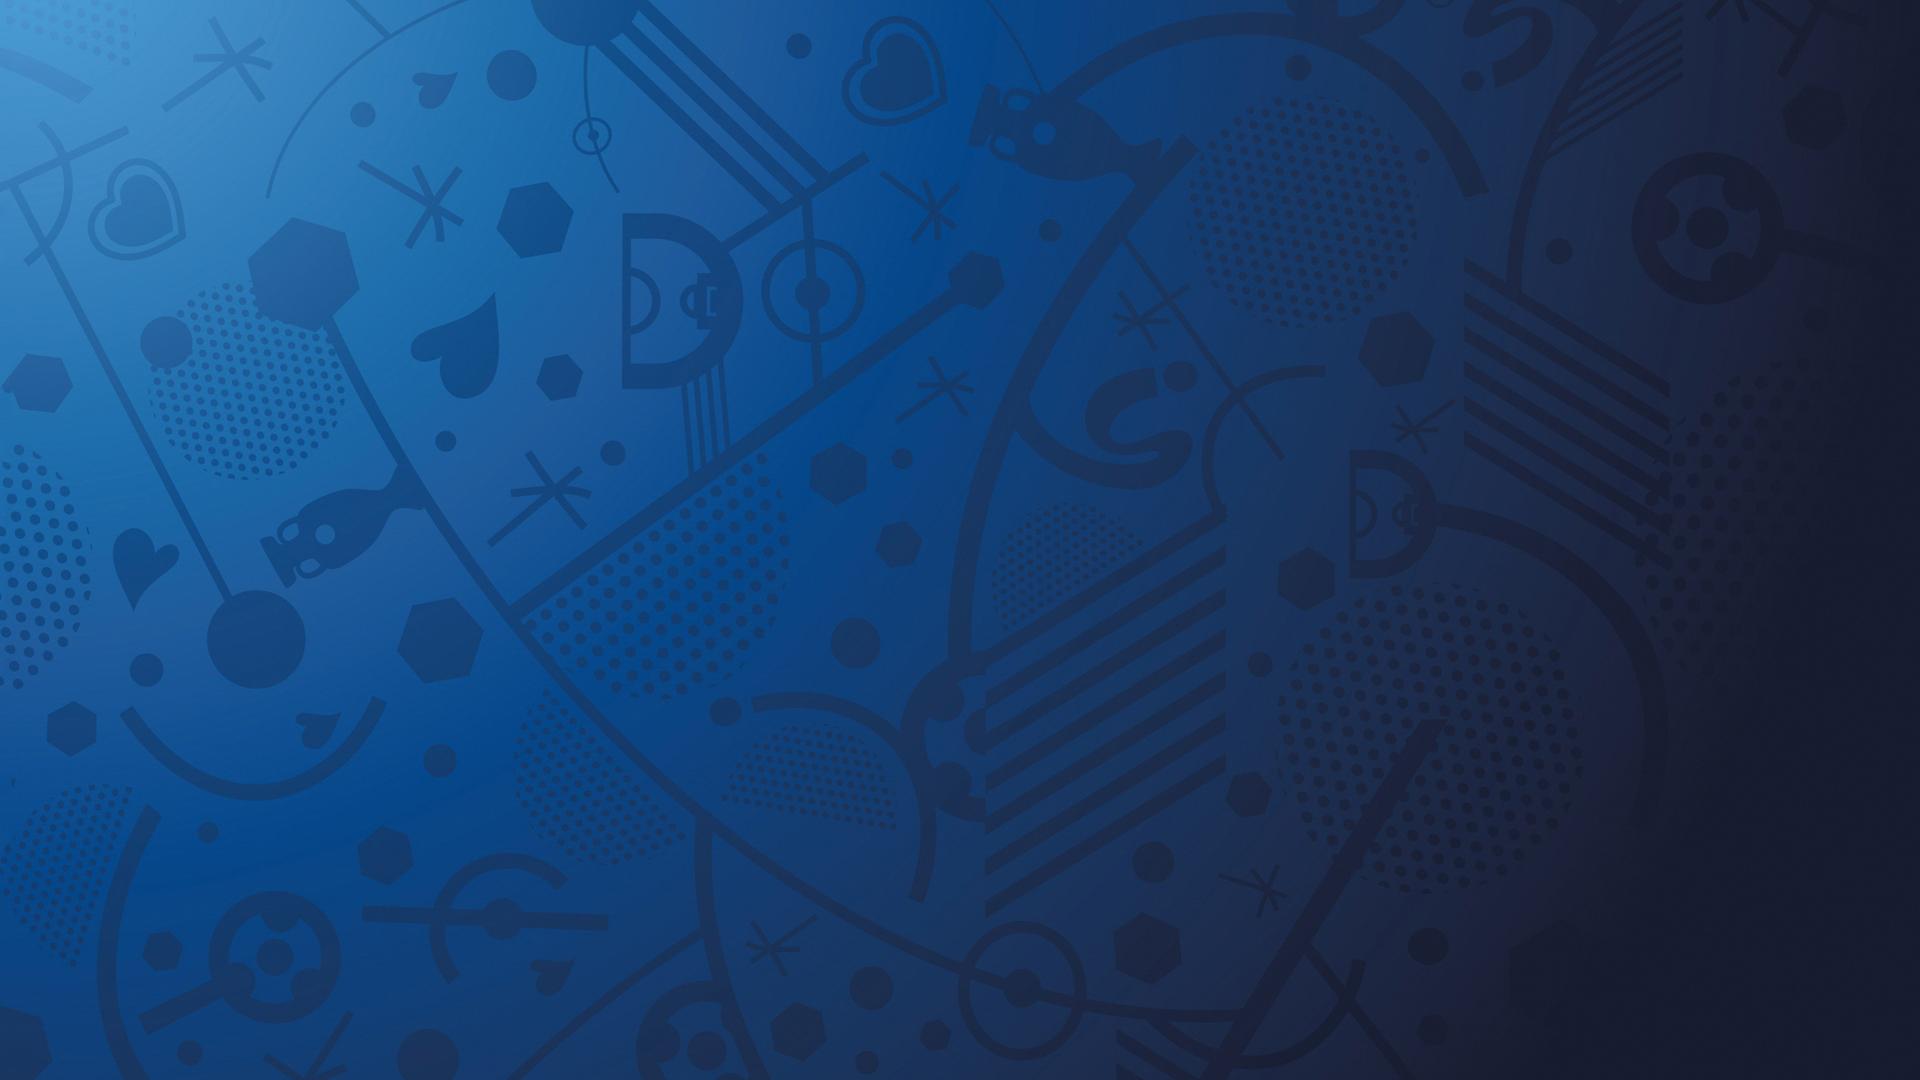 Euro 2016 t l charger un fond d 39 cran ps4 ps vita for Pack fond ecran hd